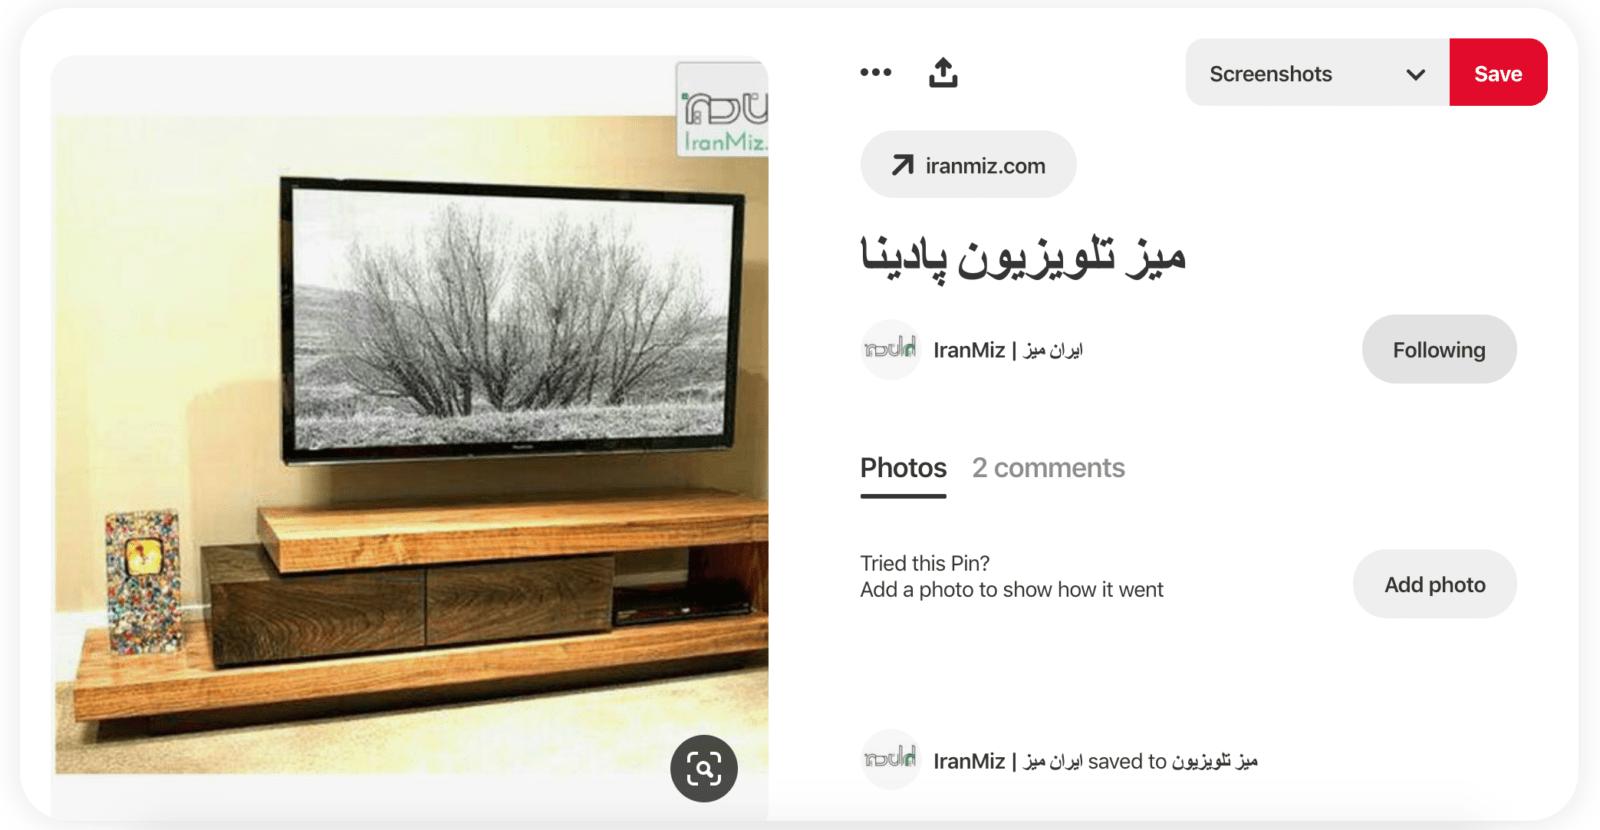 میز تلویزیون پادینا - ایران میز - پینترست